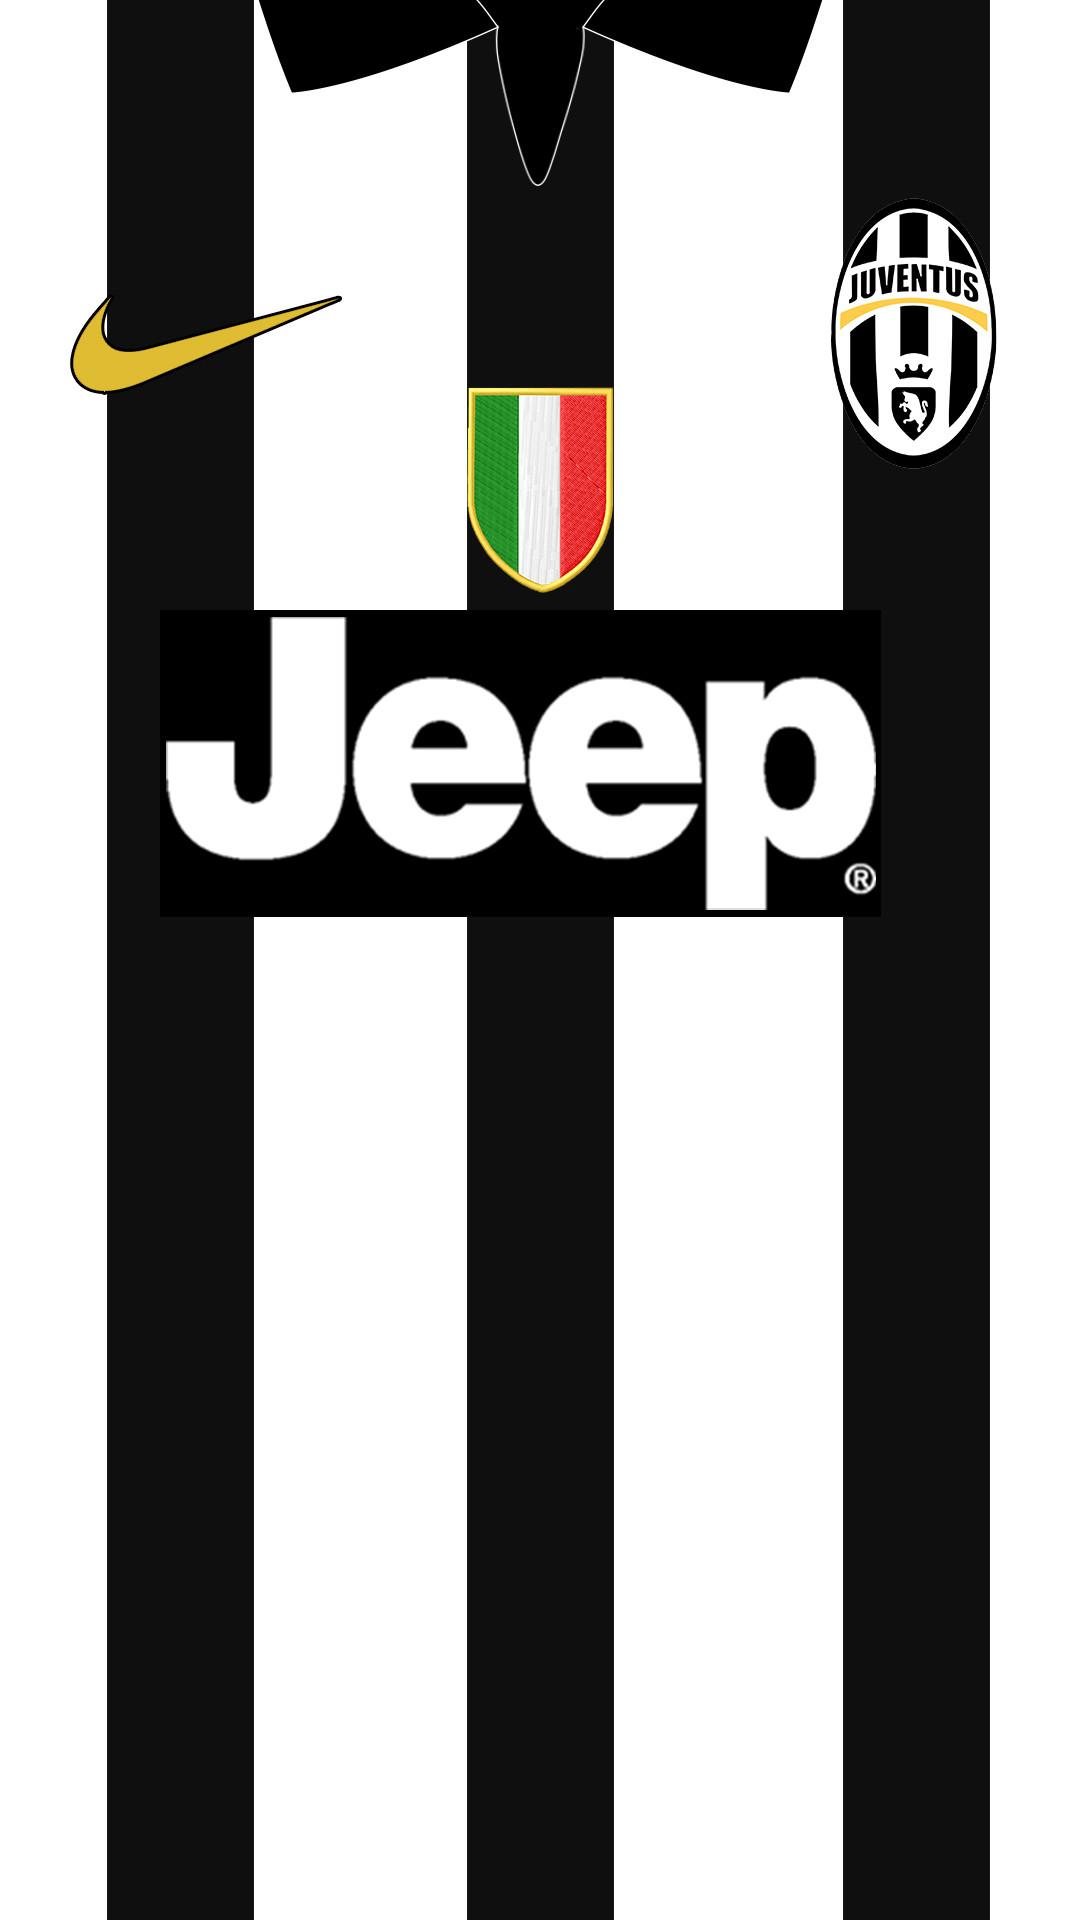 Logo Juventus Wallpaper 2018 (75+ images)